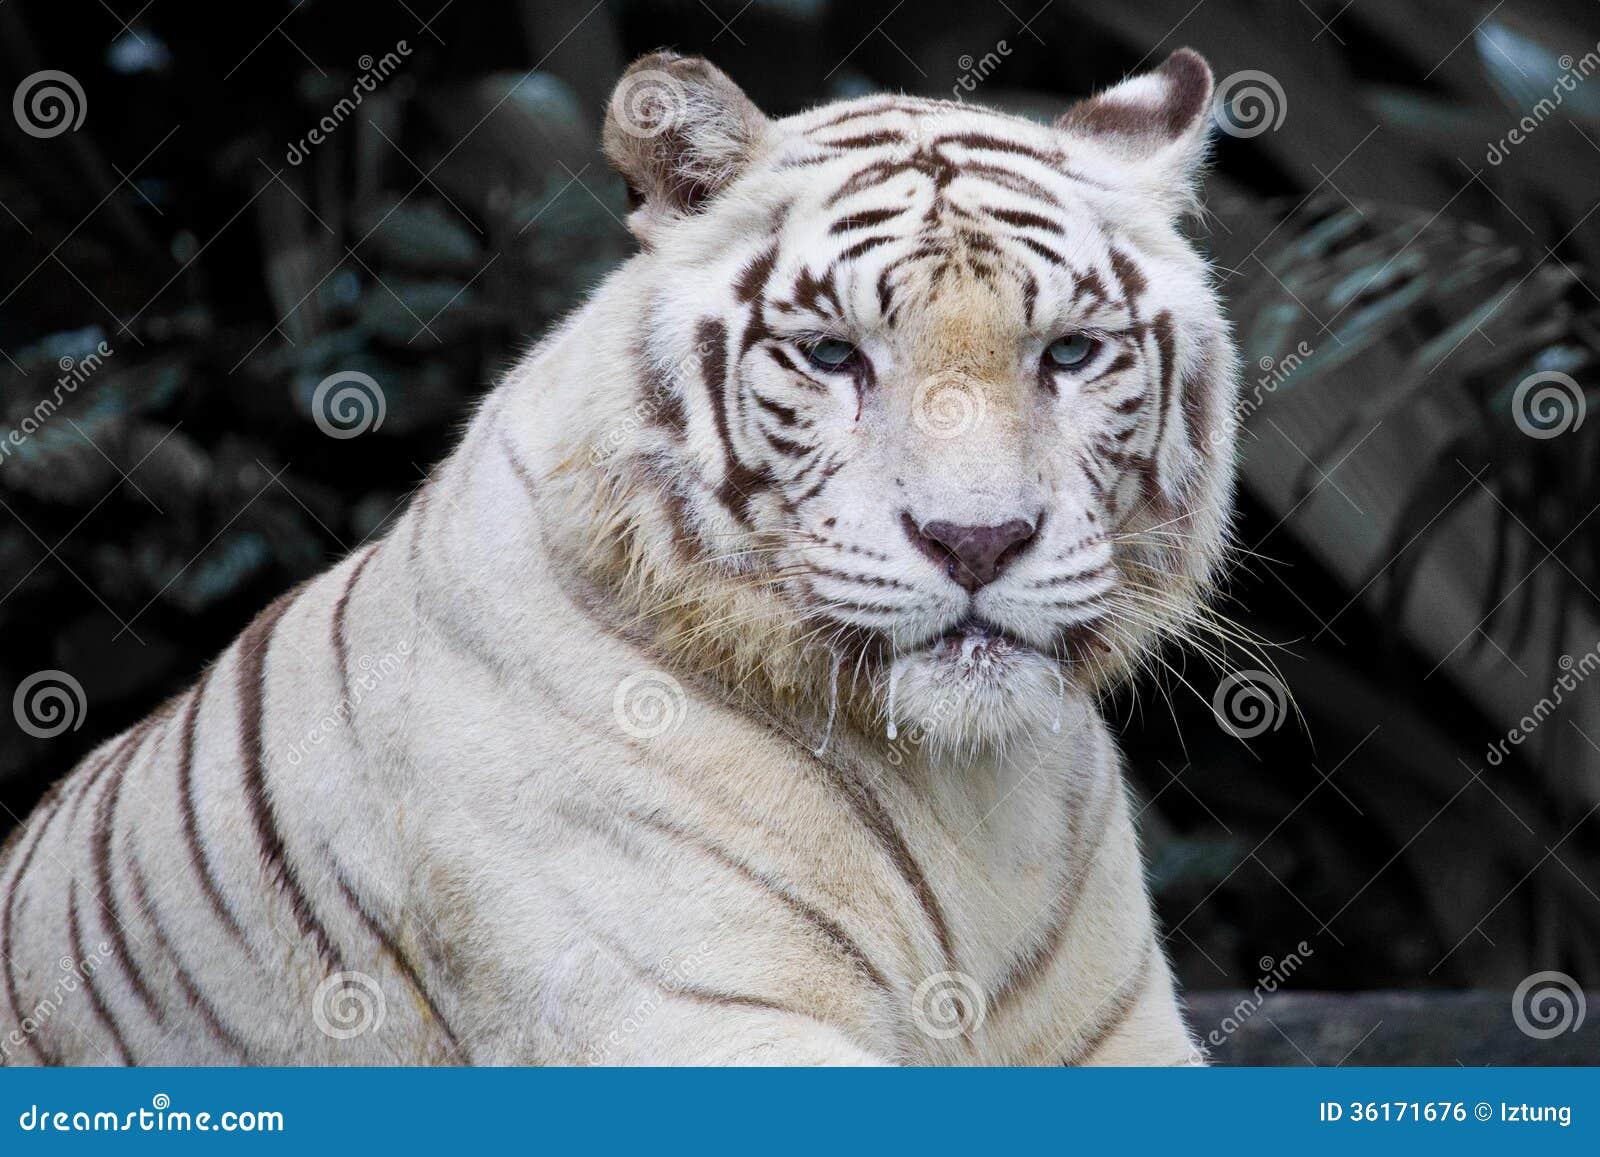 Fierce Tiger Eyes